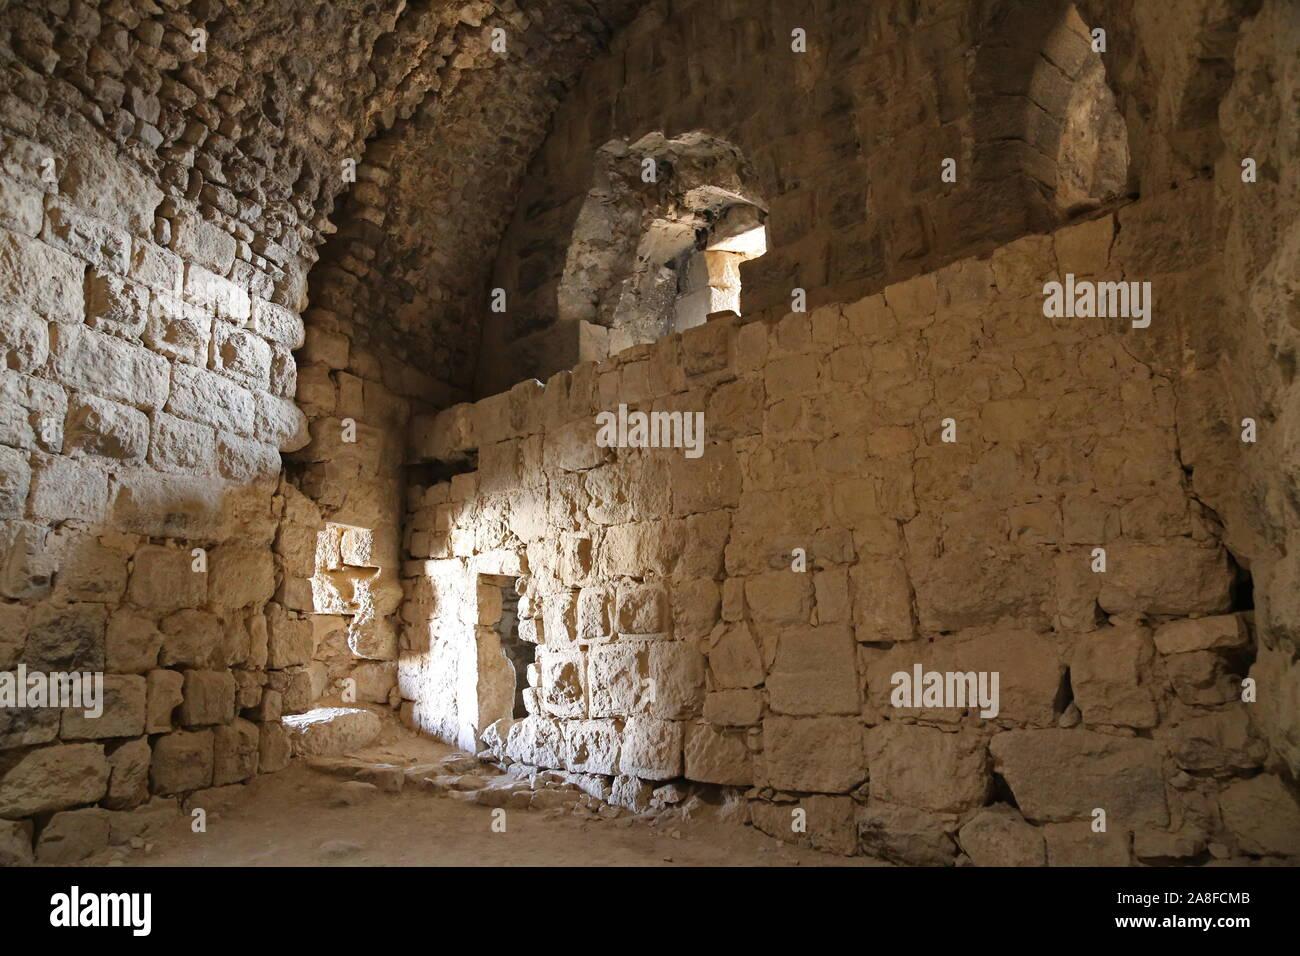 Mamluk Keep, Karak Castle, Al Karak, Karak Governorate, Jordan, Middle East Stock Photo